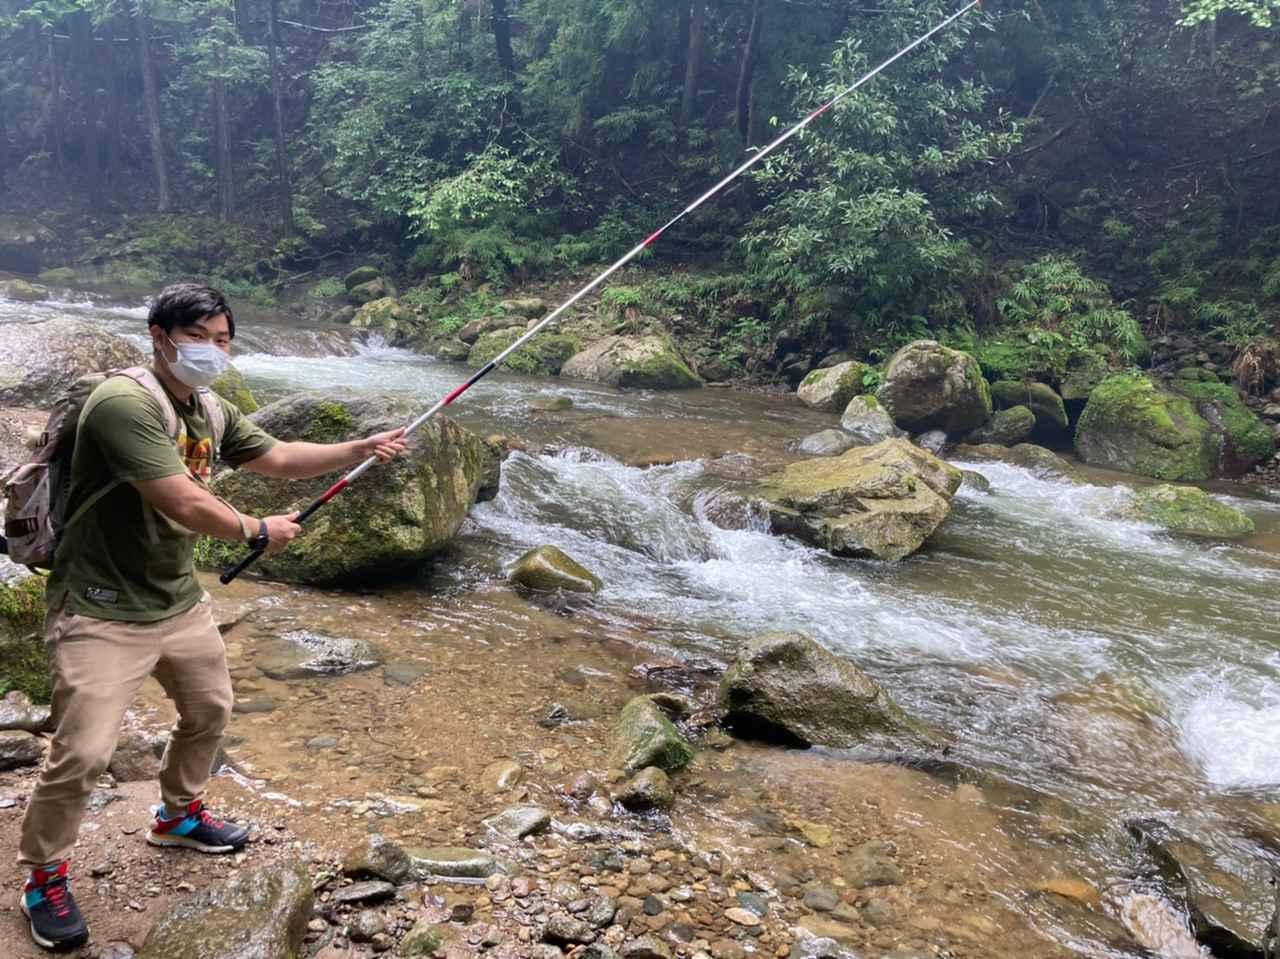 画像: 【体験レポート】初心者が渓流釣り(川釣り)に挑戦してみた!基本的なルールから注意点までわかりやすく解説 - ハピキャン(HAPPY CAMPER)